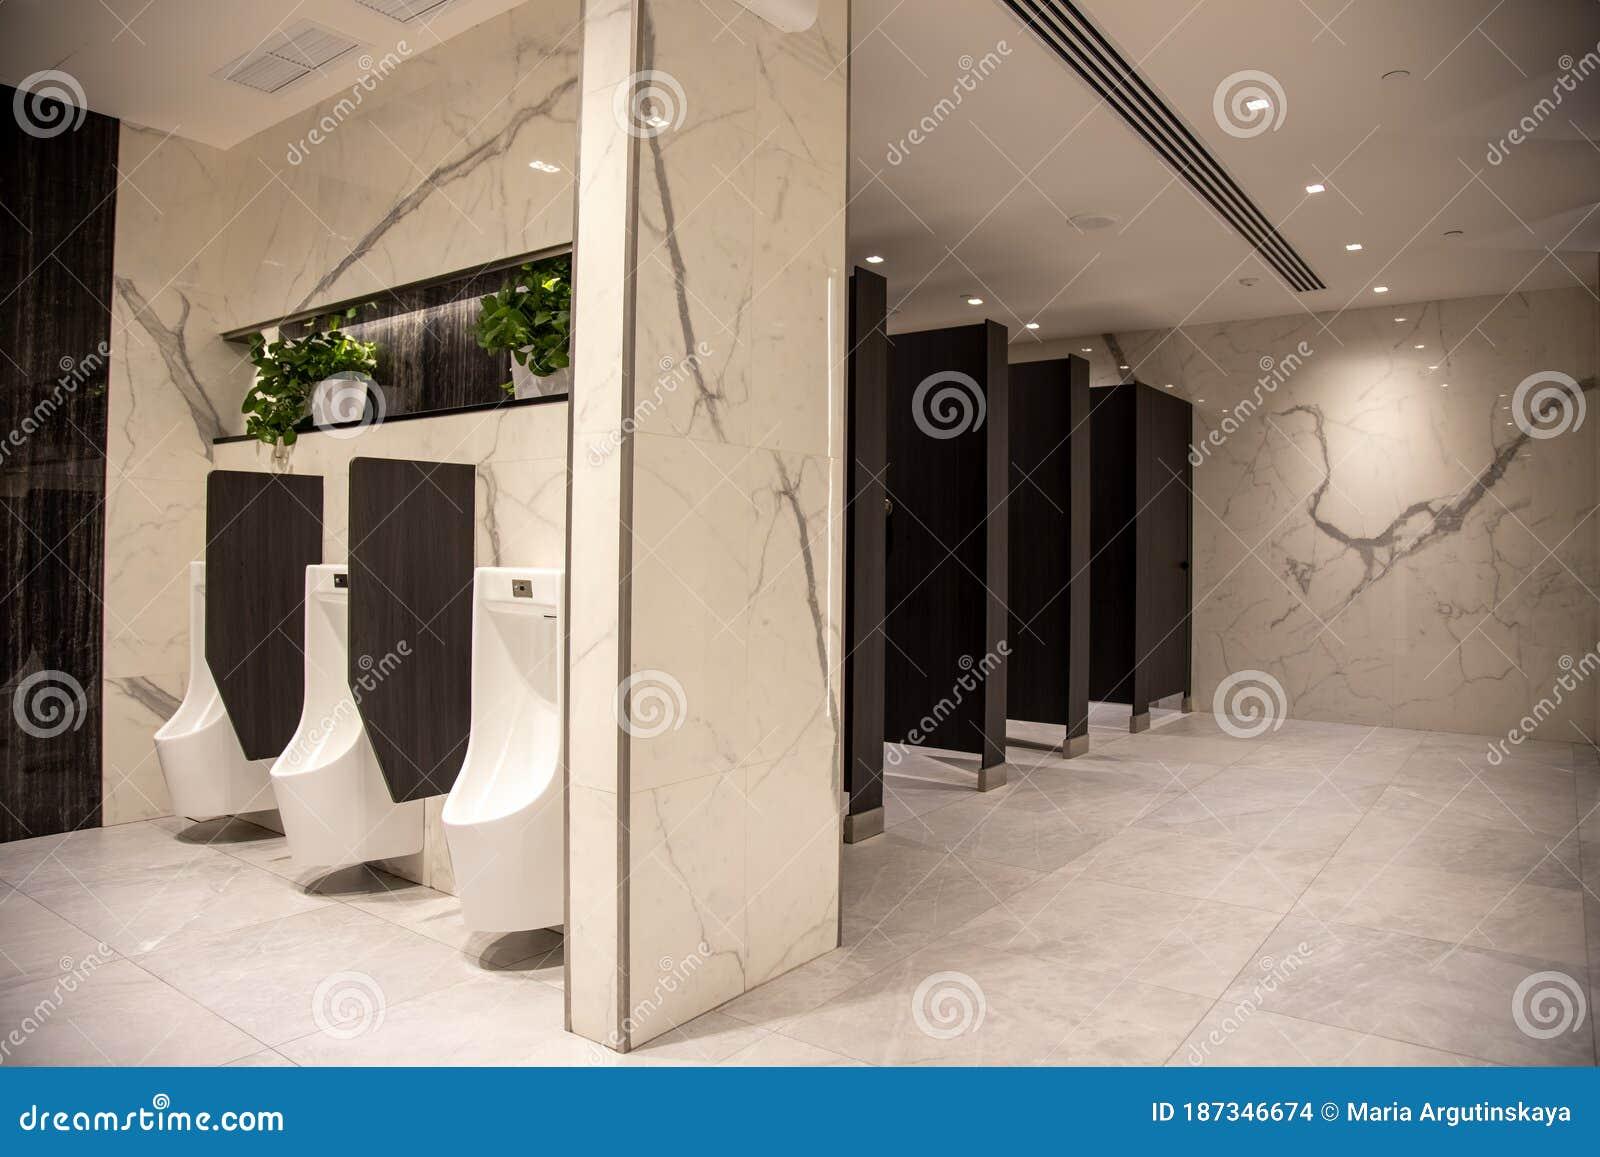 Norwegian Getaway Public Bathroom.jpg Hi-Res 1440P QHD